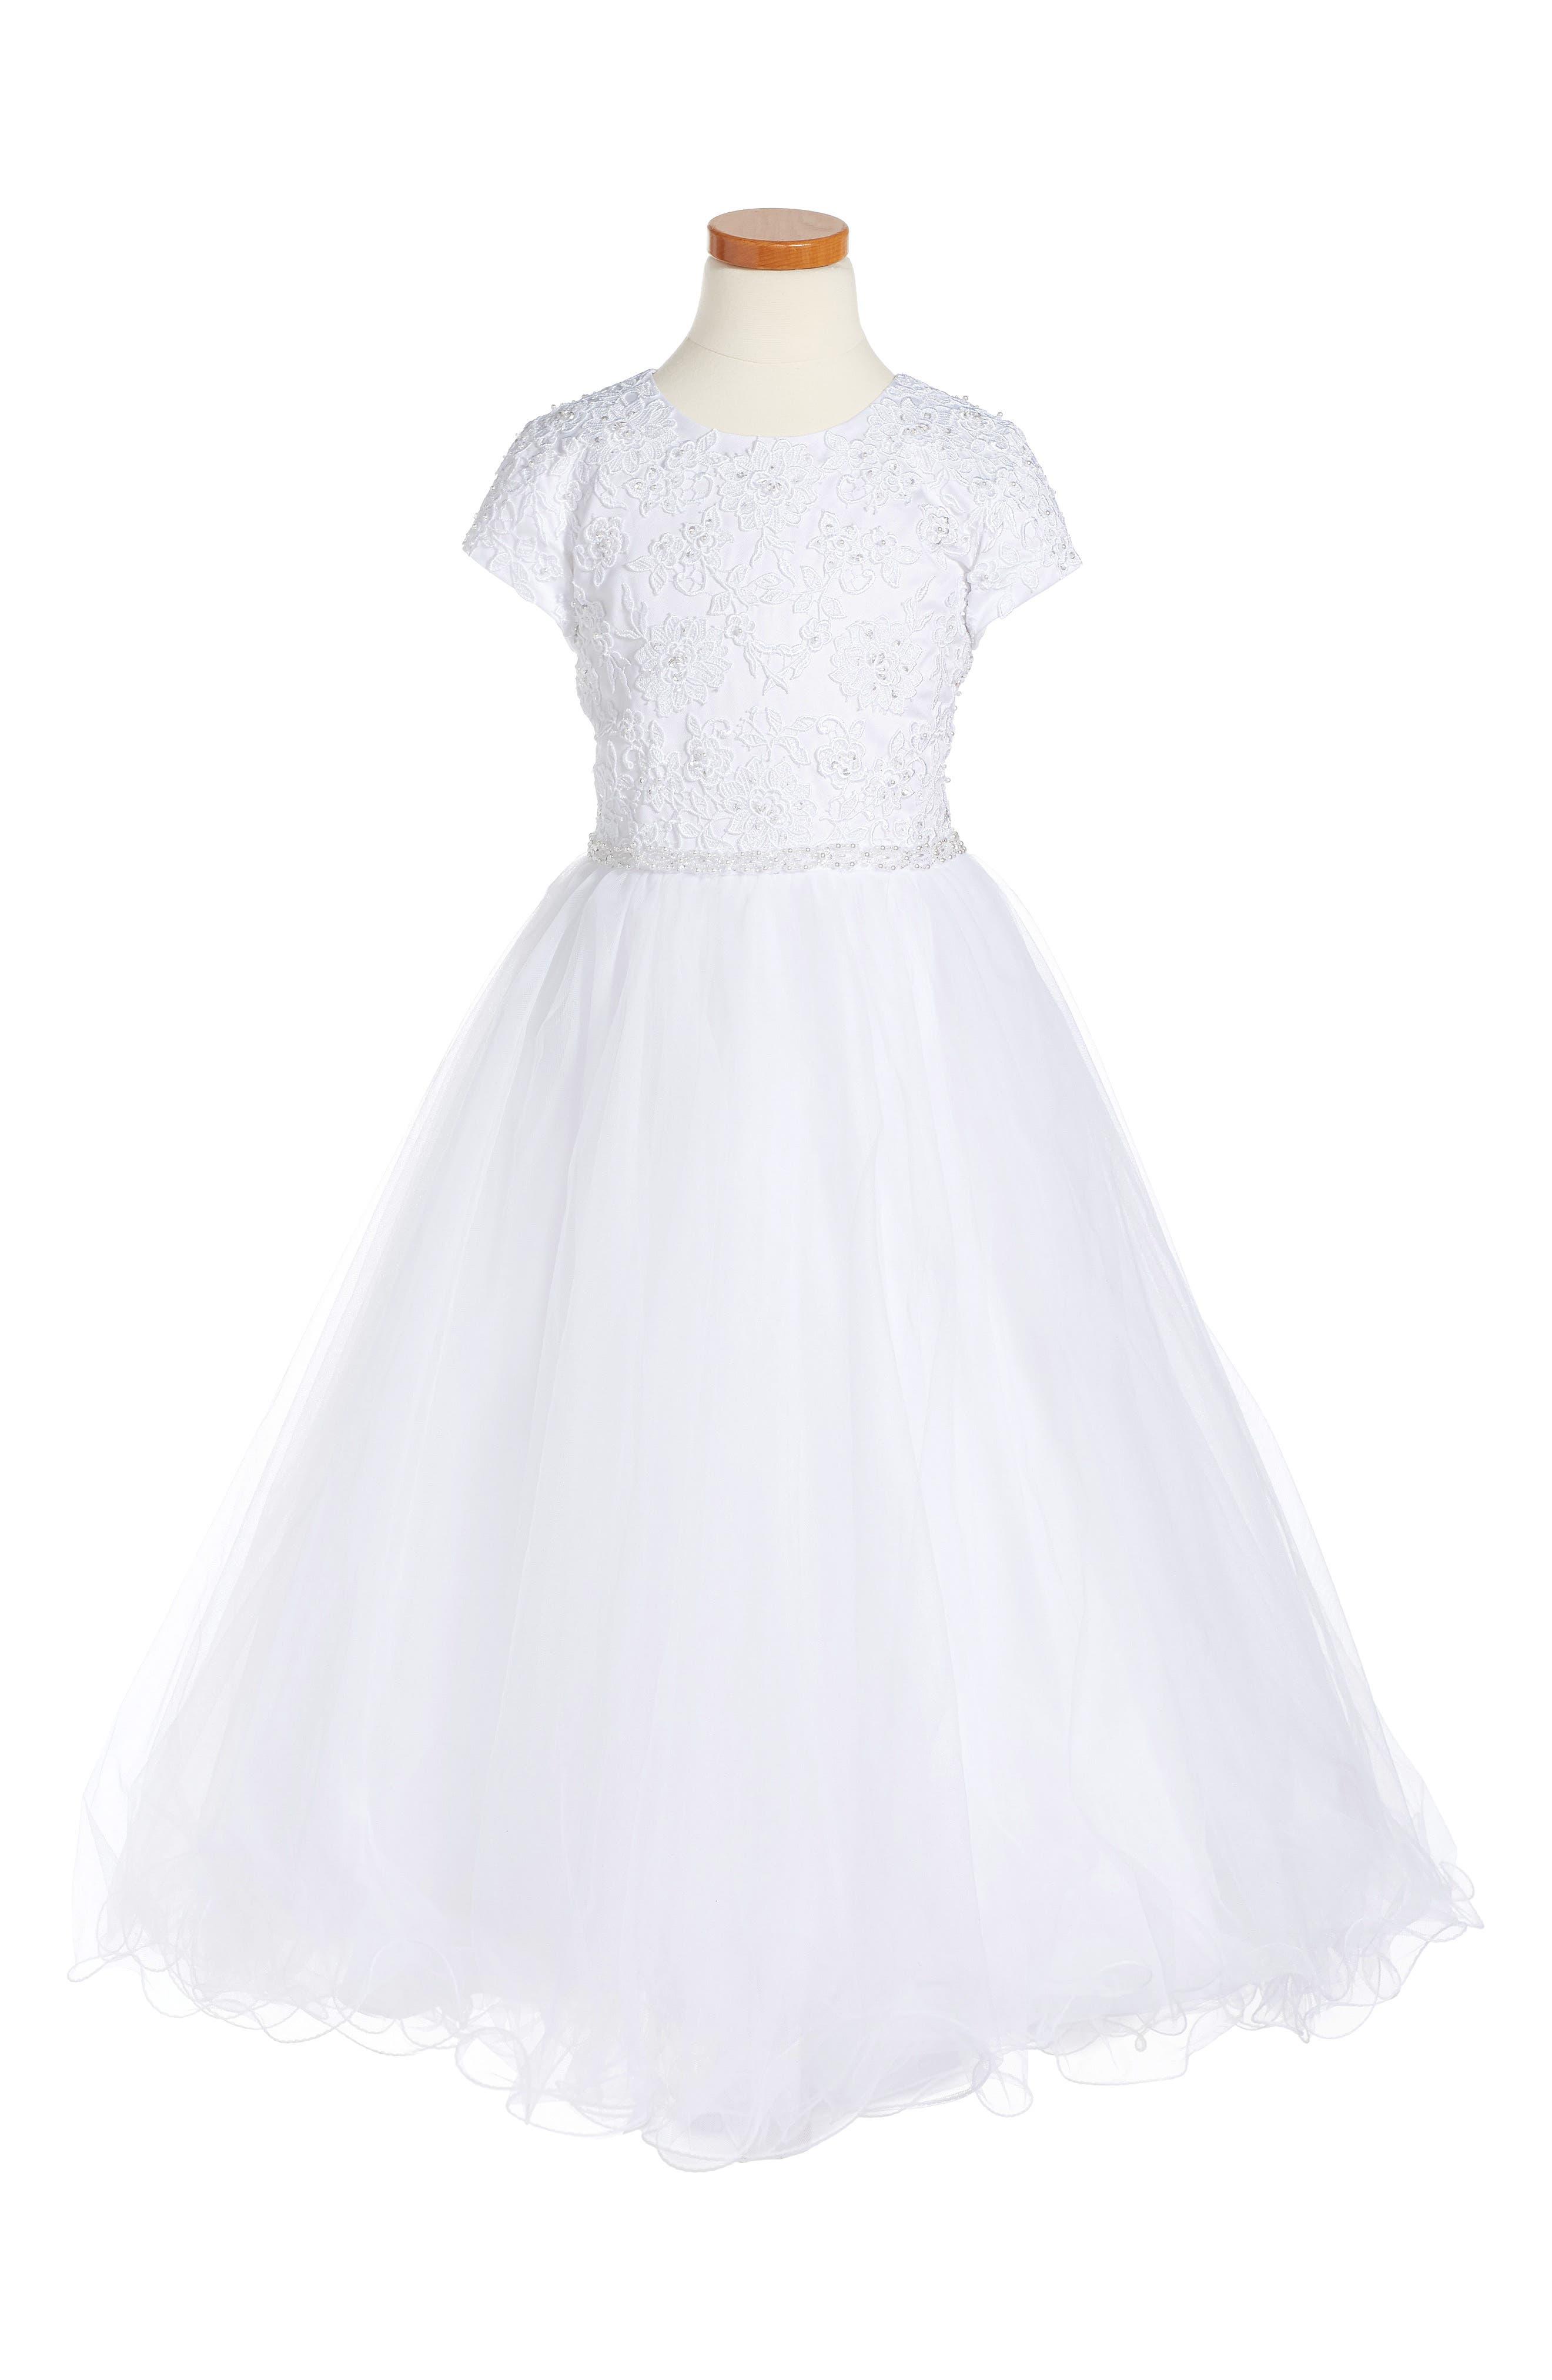 Floral Appliqué First Communion Dress,                         Main,                         color, White